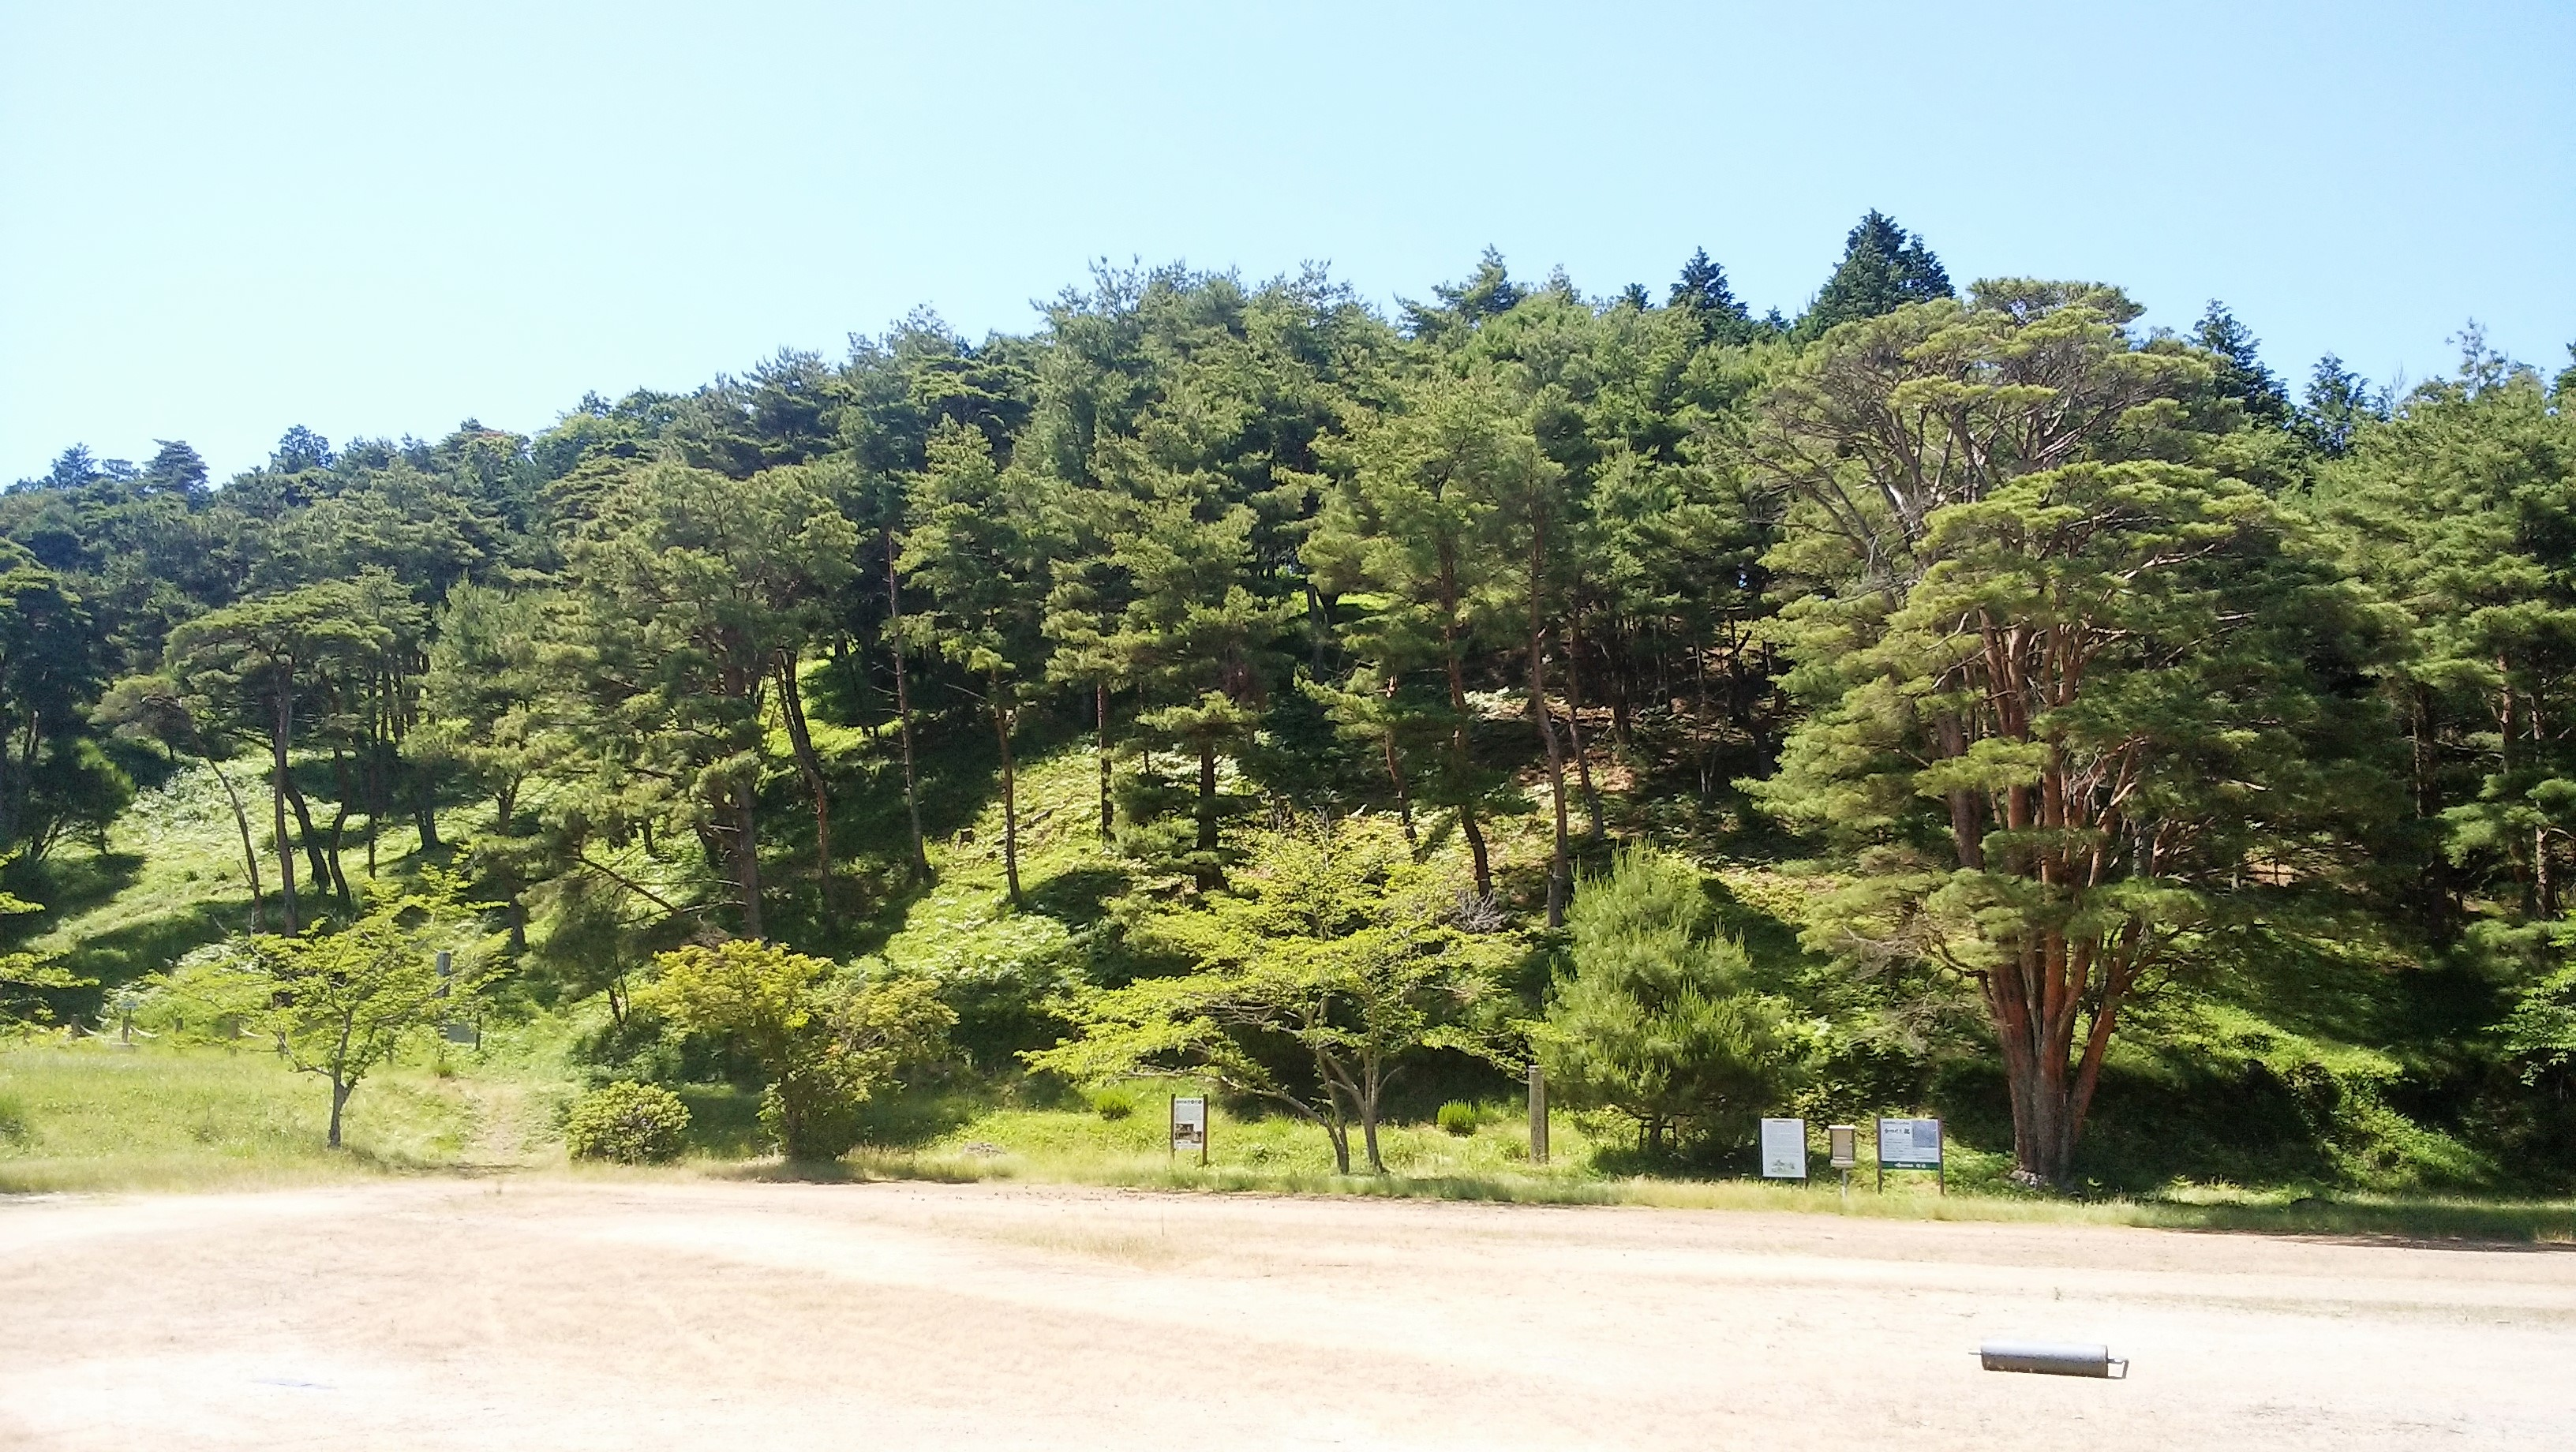 日本でここだけ!平松の「ウツクシマツ」は美しかった